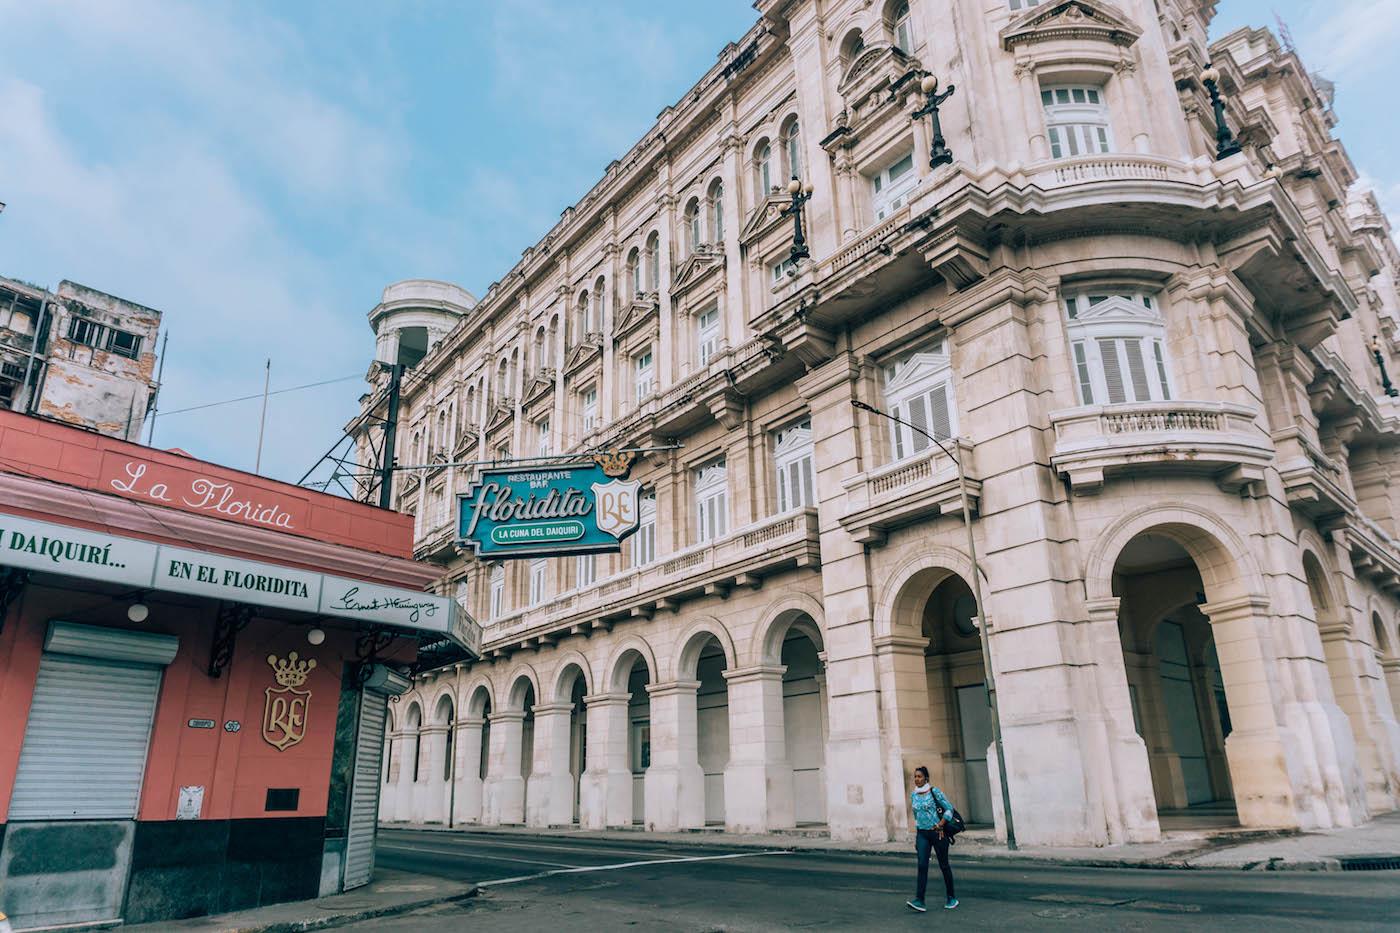 Top Restaurants and Bars in Havana, Cuba